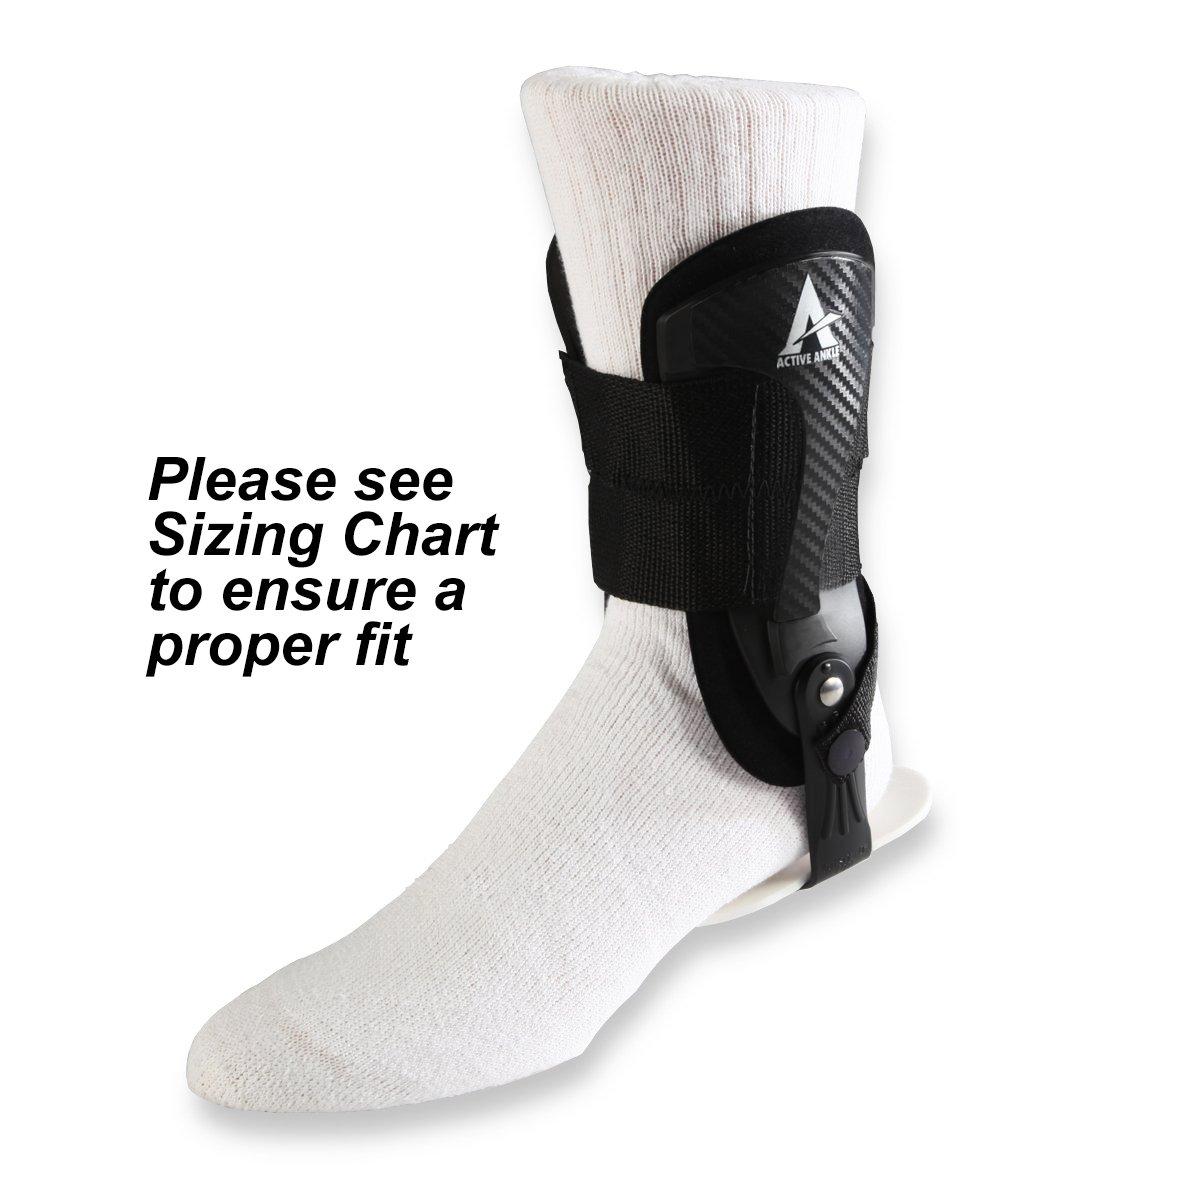 E4 Volt Bulk Active Ankle - Black (EA)